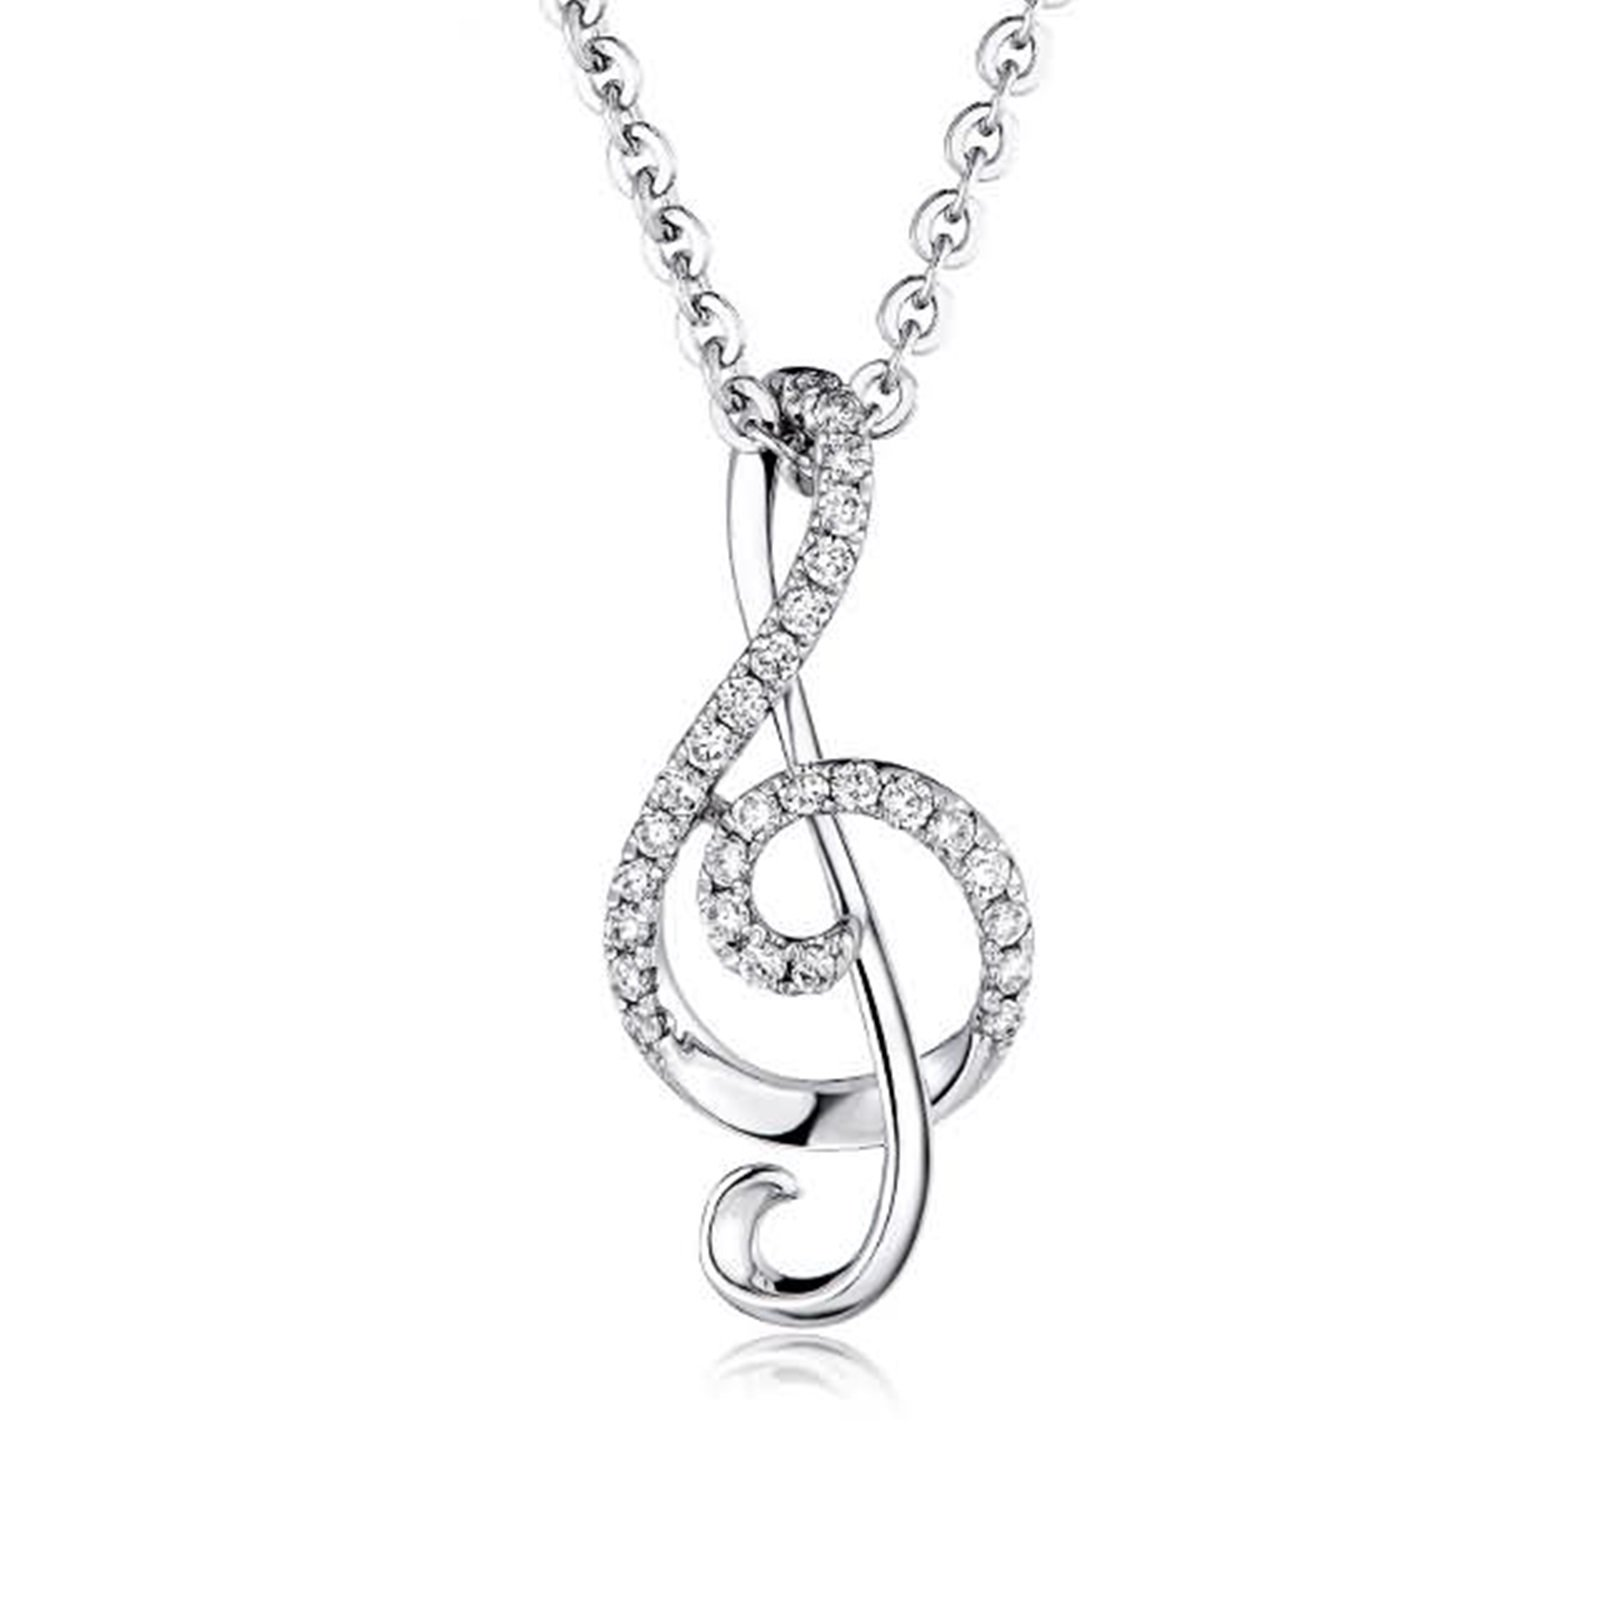 Adisaer 18k(750) White Gold Women Necklace 0.59g Music Notes Symbol Round Diamond Wedding Necklace